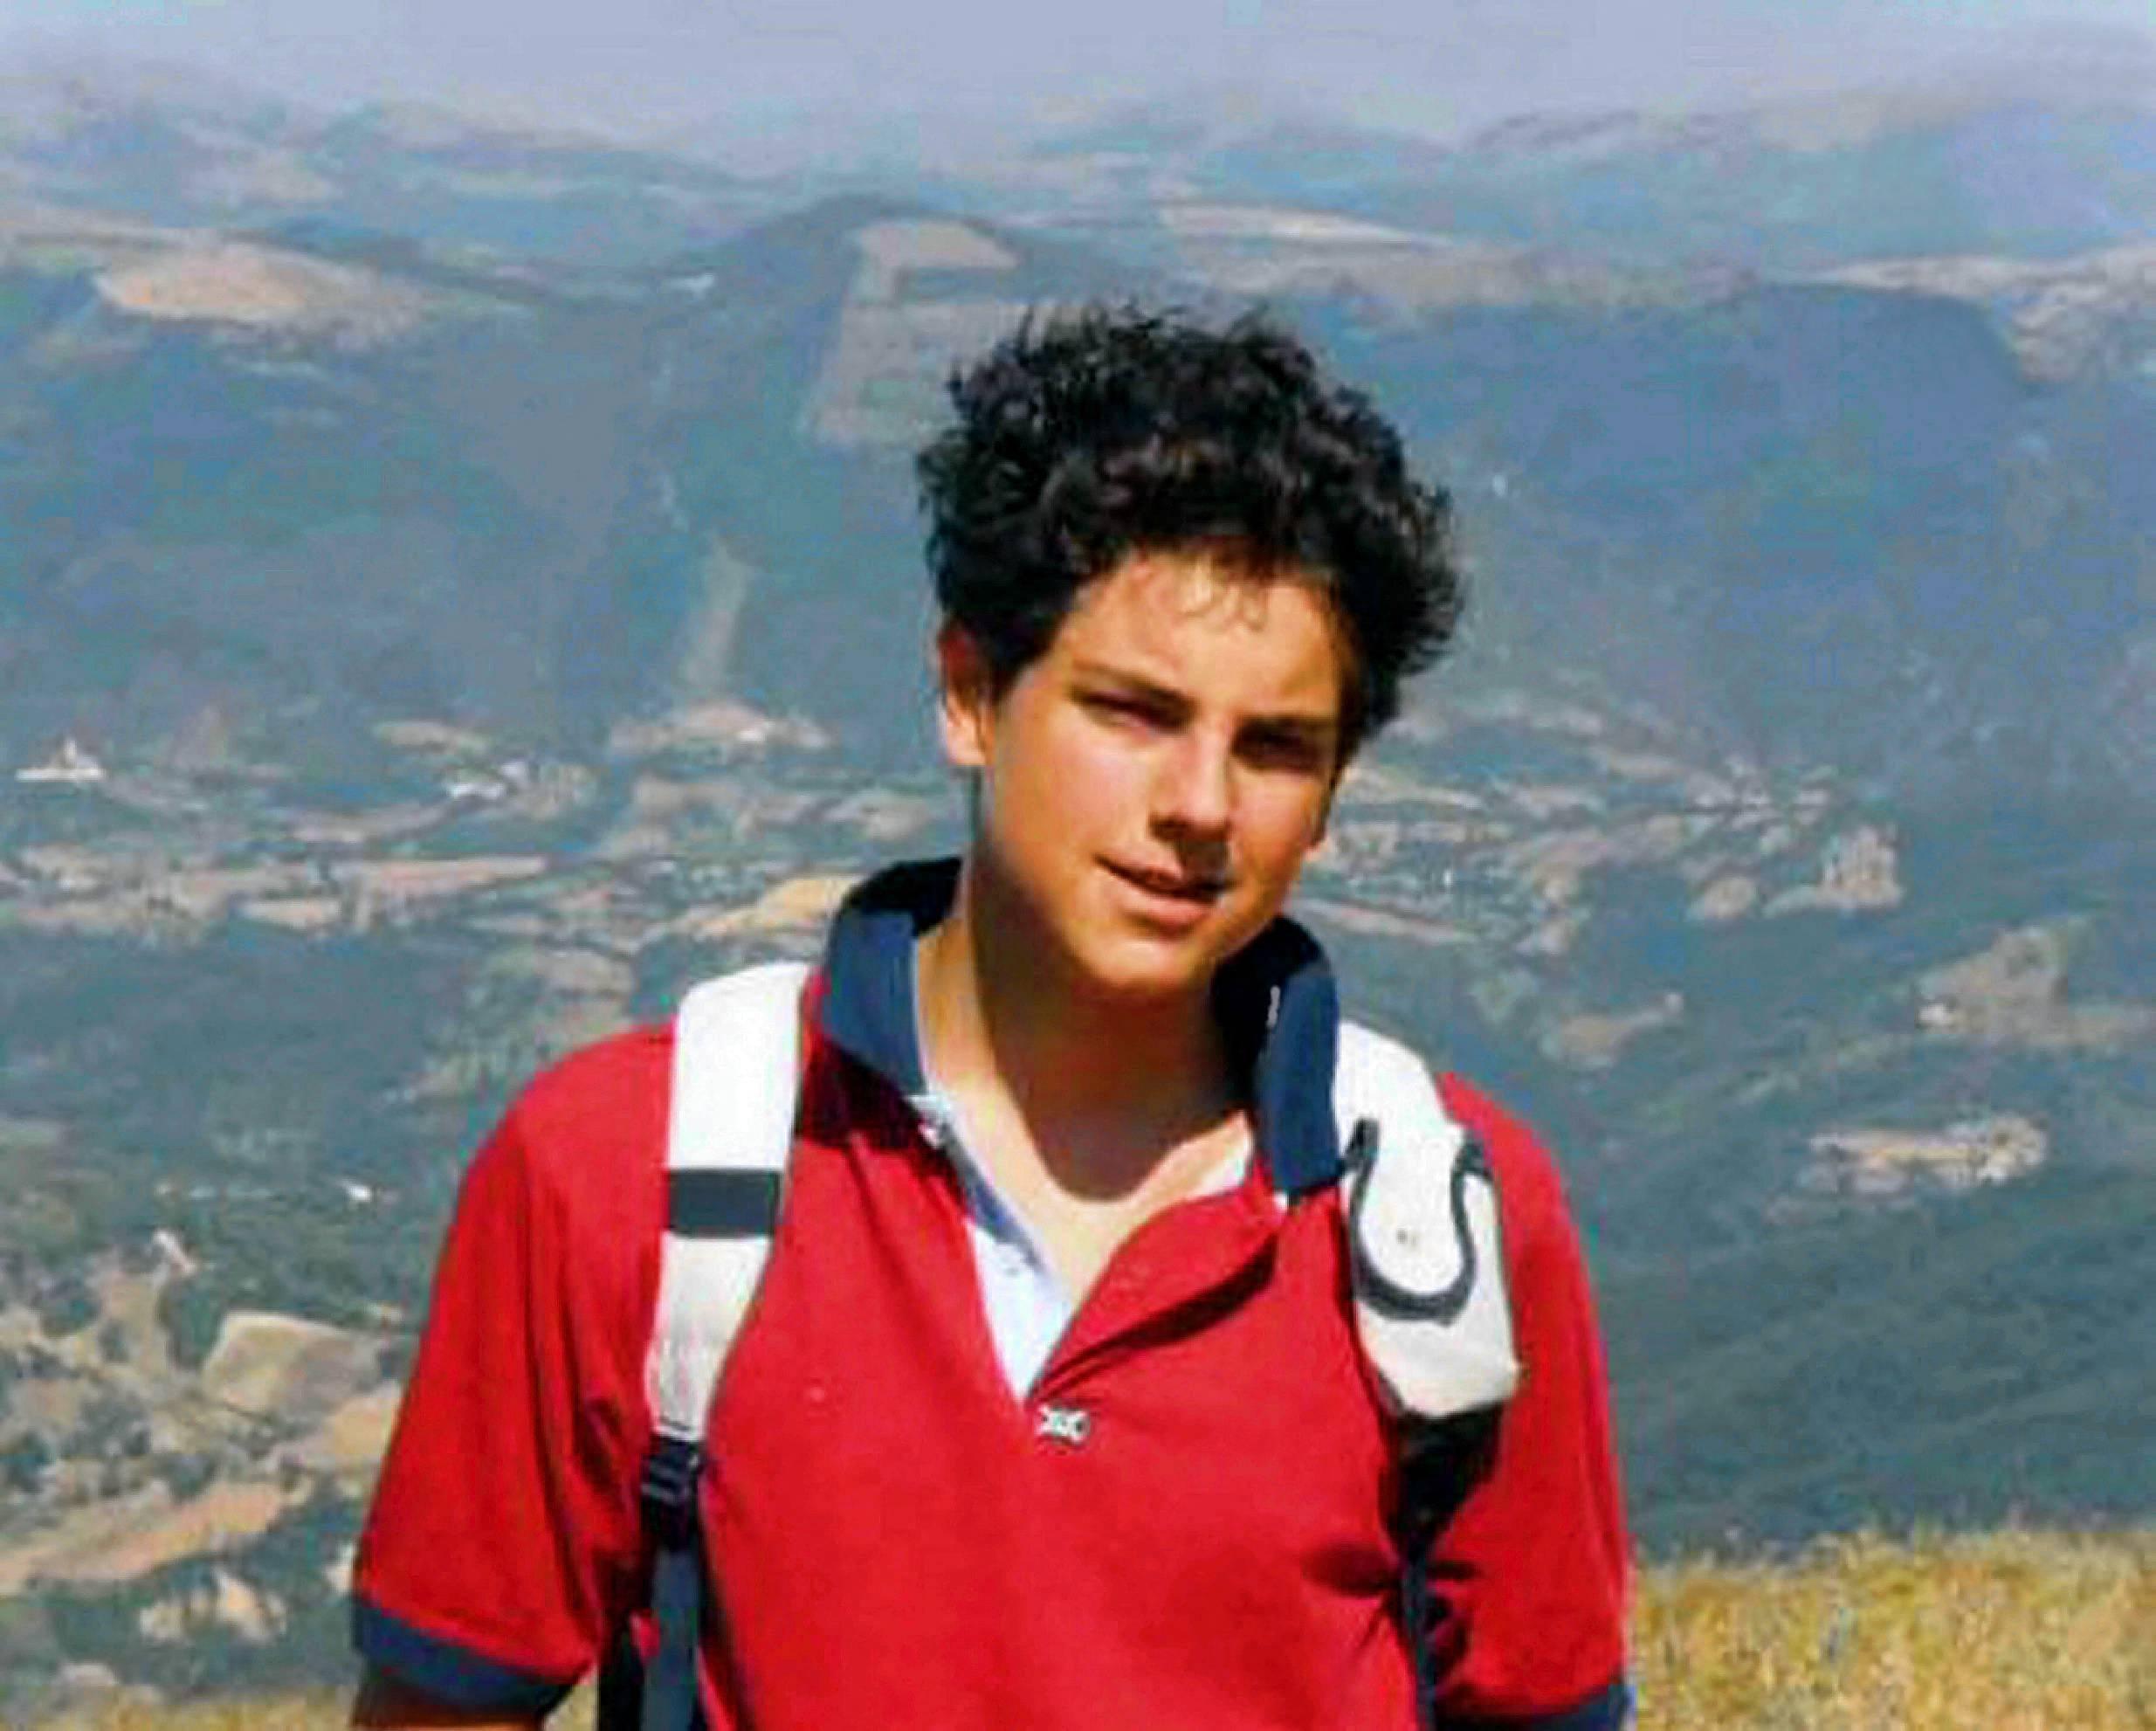 Young Italian Tech Whiz Carlo died of leukaemiain 2006